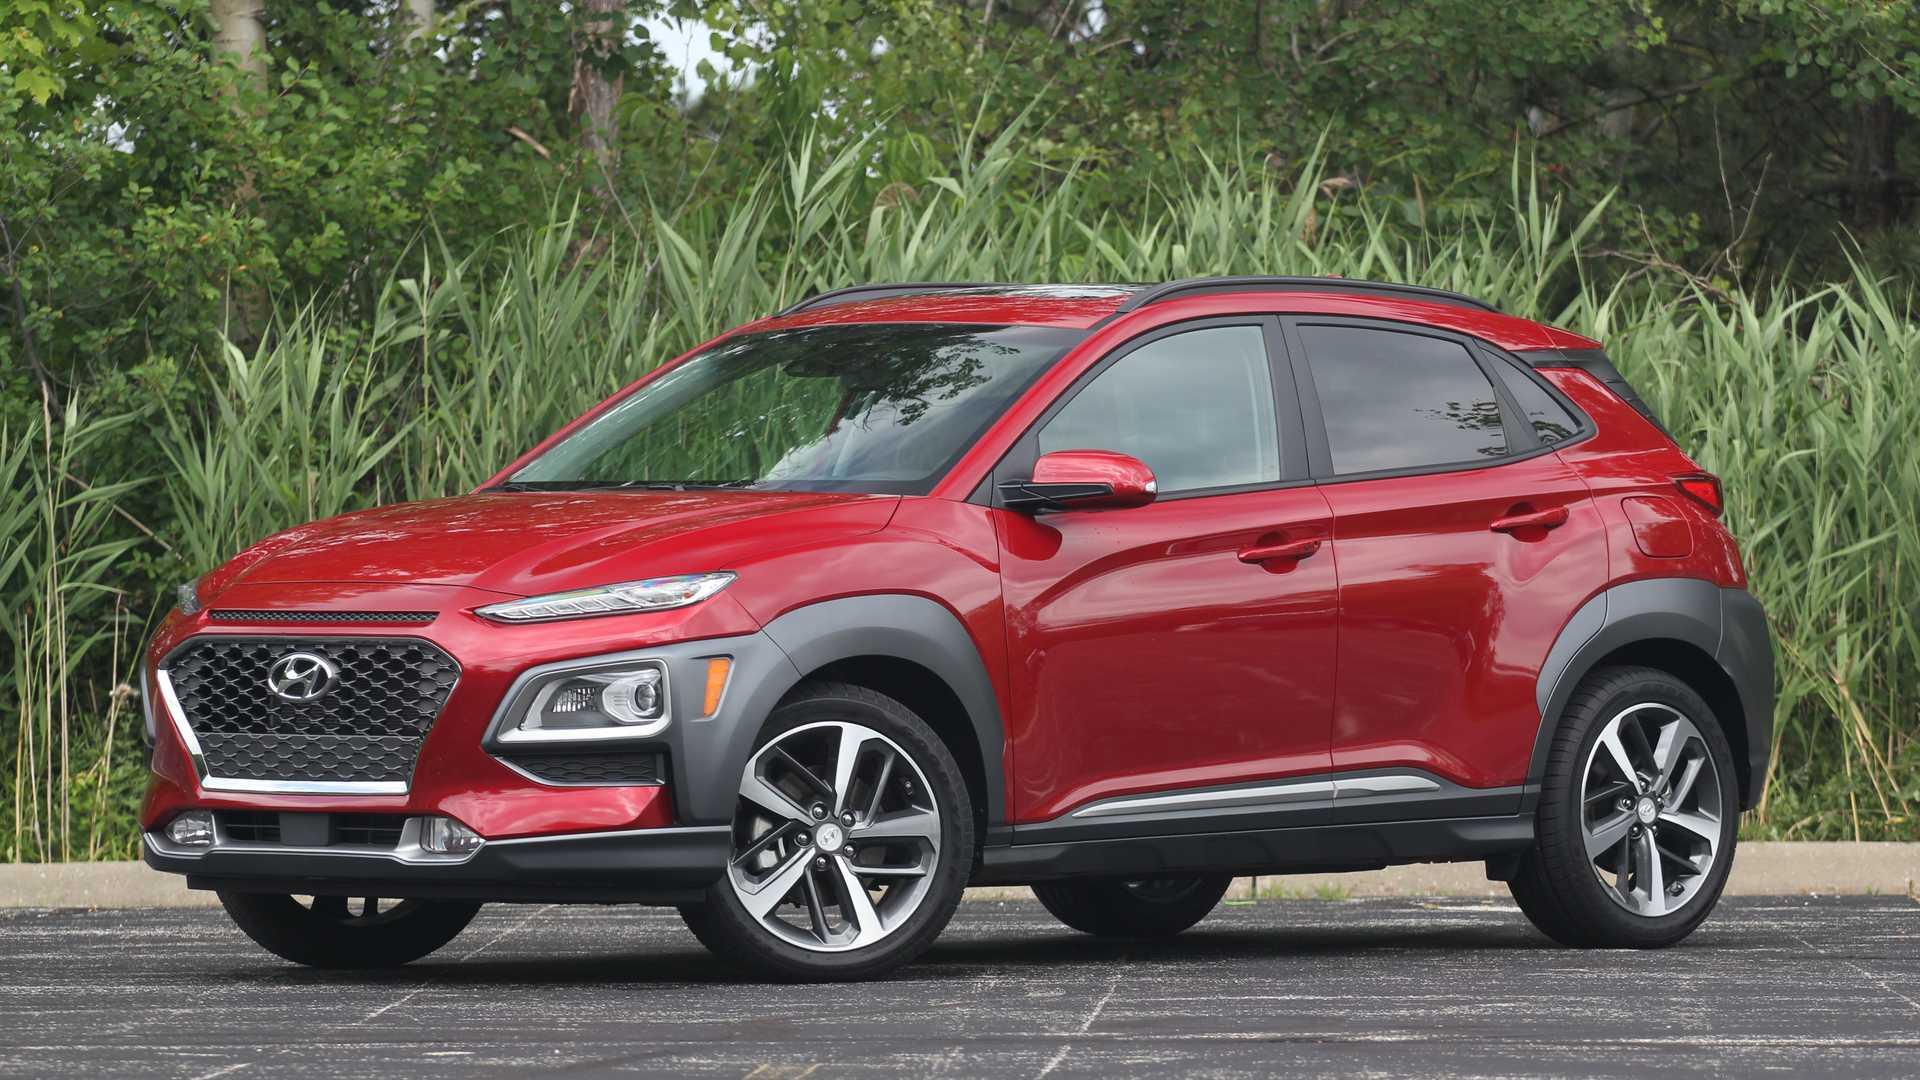 hyundai kona anh 2 - Hyundai Kona mới: giá xe và khuyến mãi tháng [hienthithang]/[hienthinam]